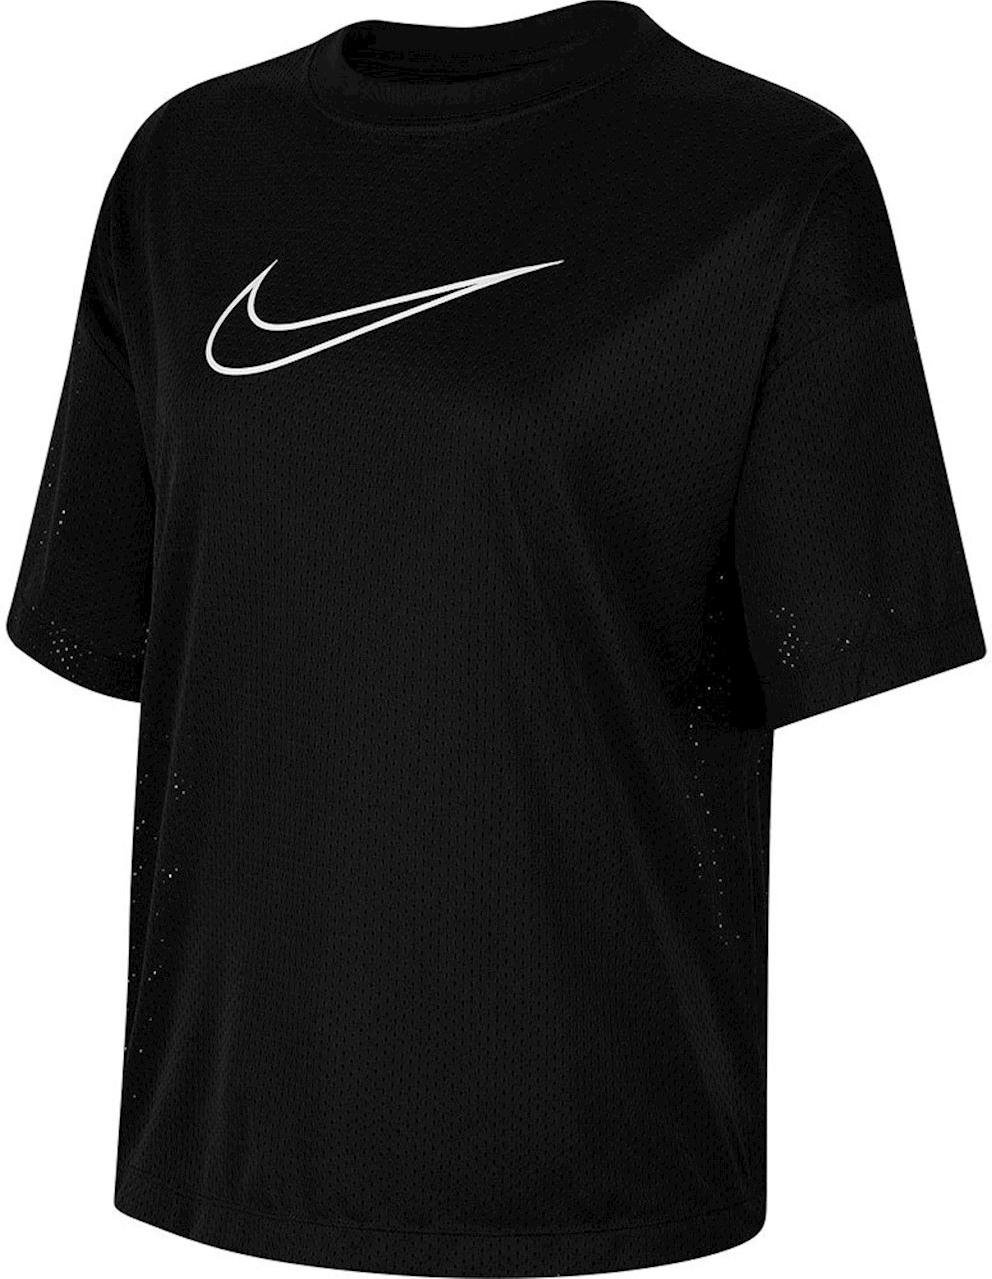 Dámské tričko s krátkým rukávem Nike Sportswear Mesh